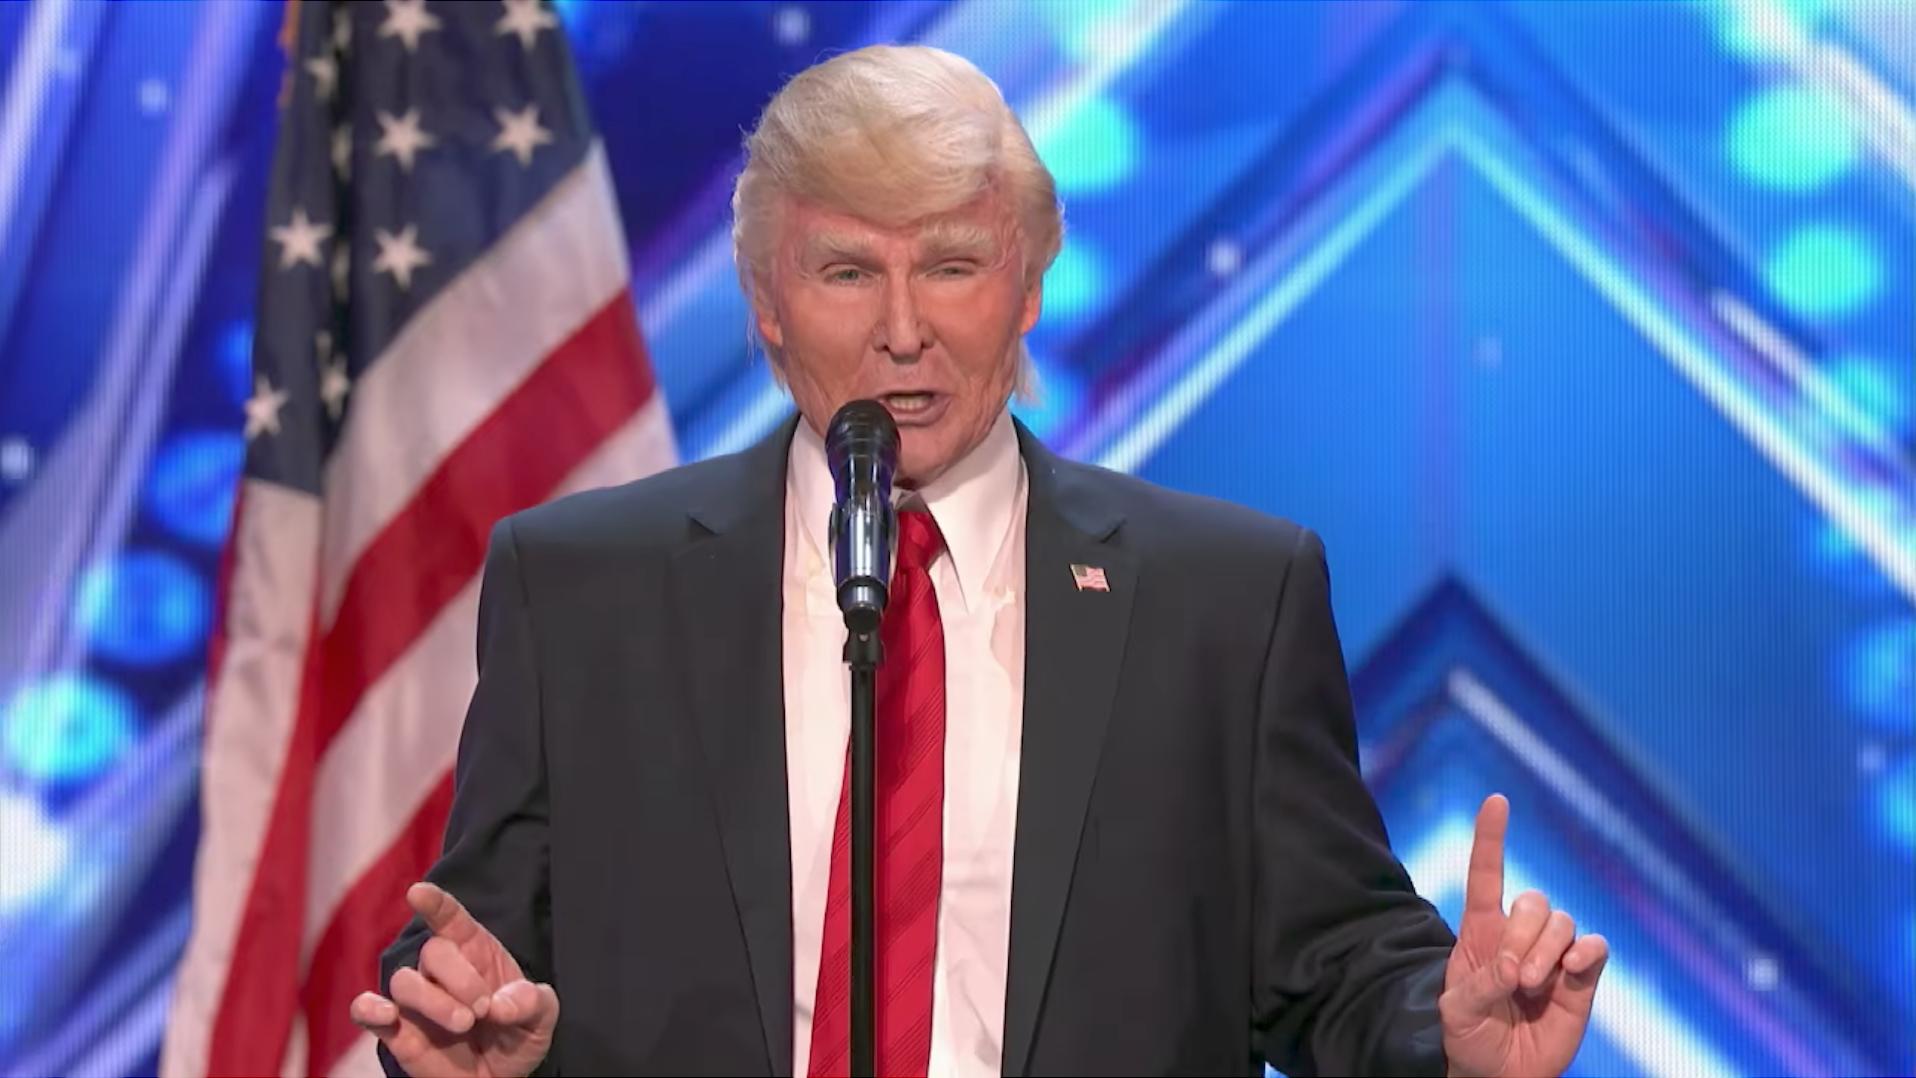 The Singing Trump